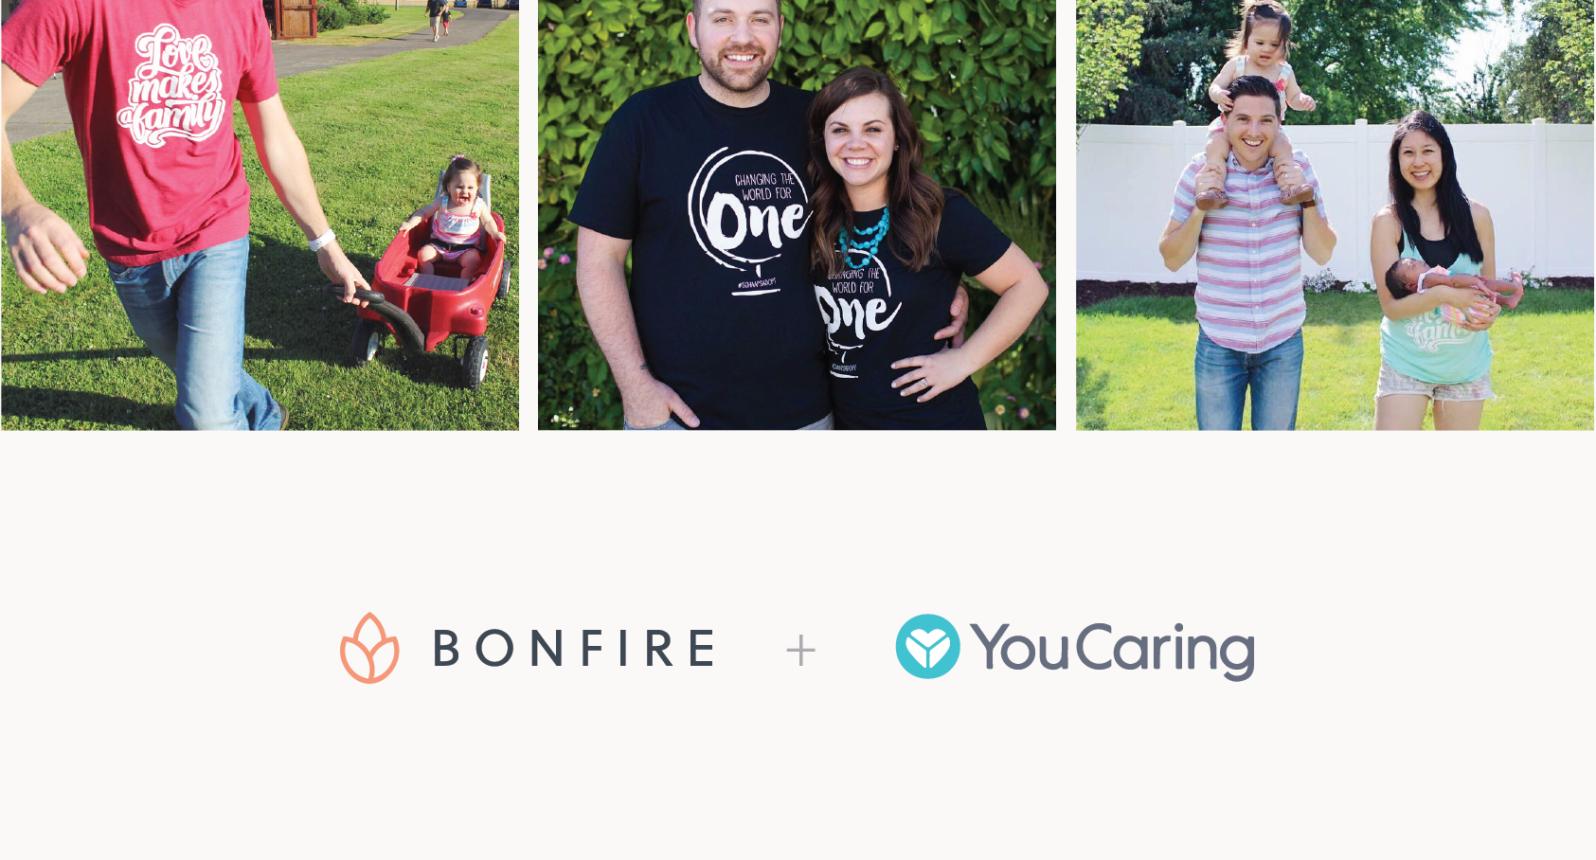 bonfire-youcaring